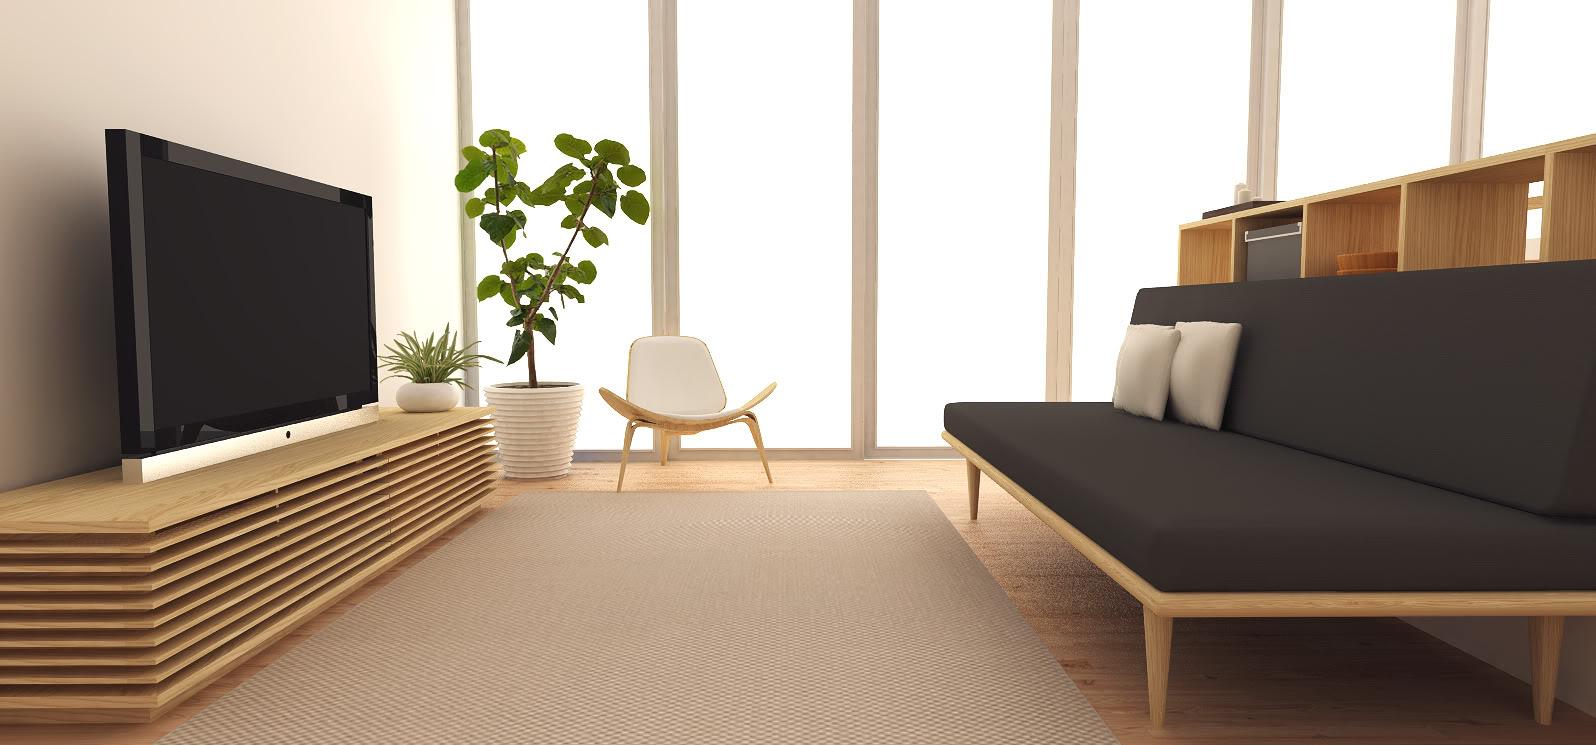 realny minimalizm: Czy minimalizm jest tylko dla bogatych ...